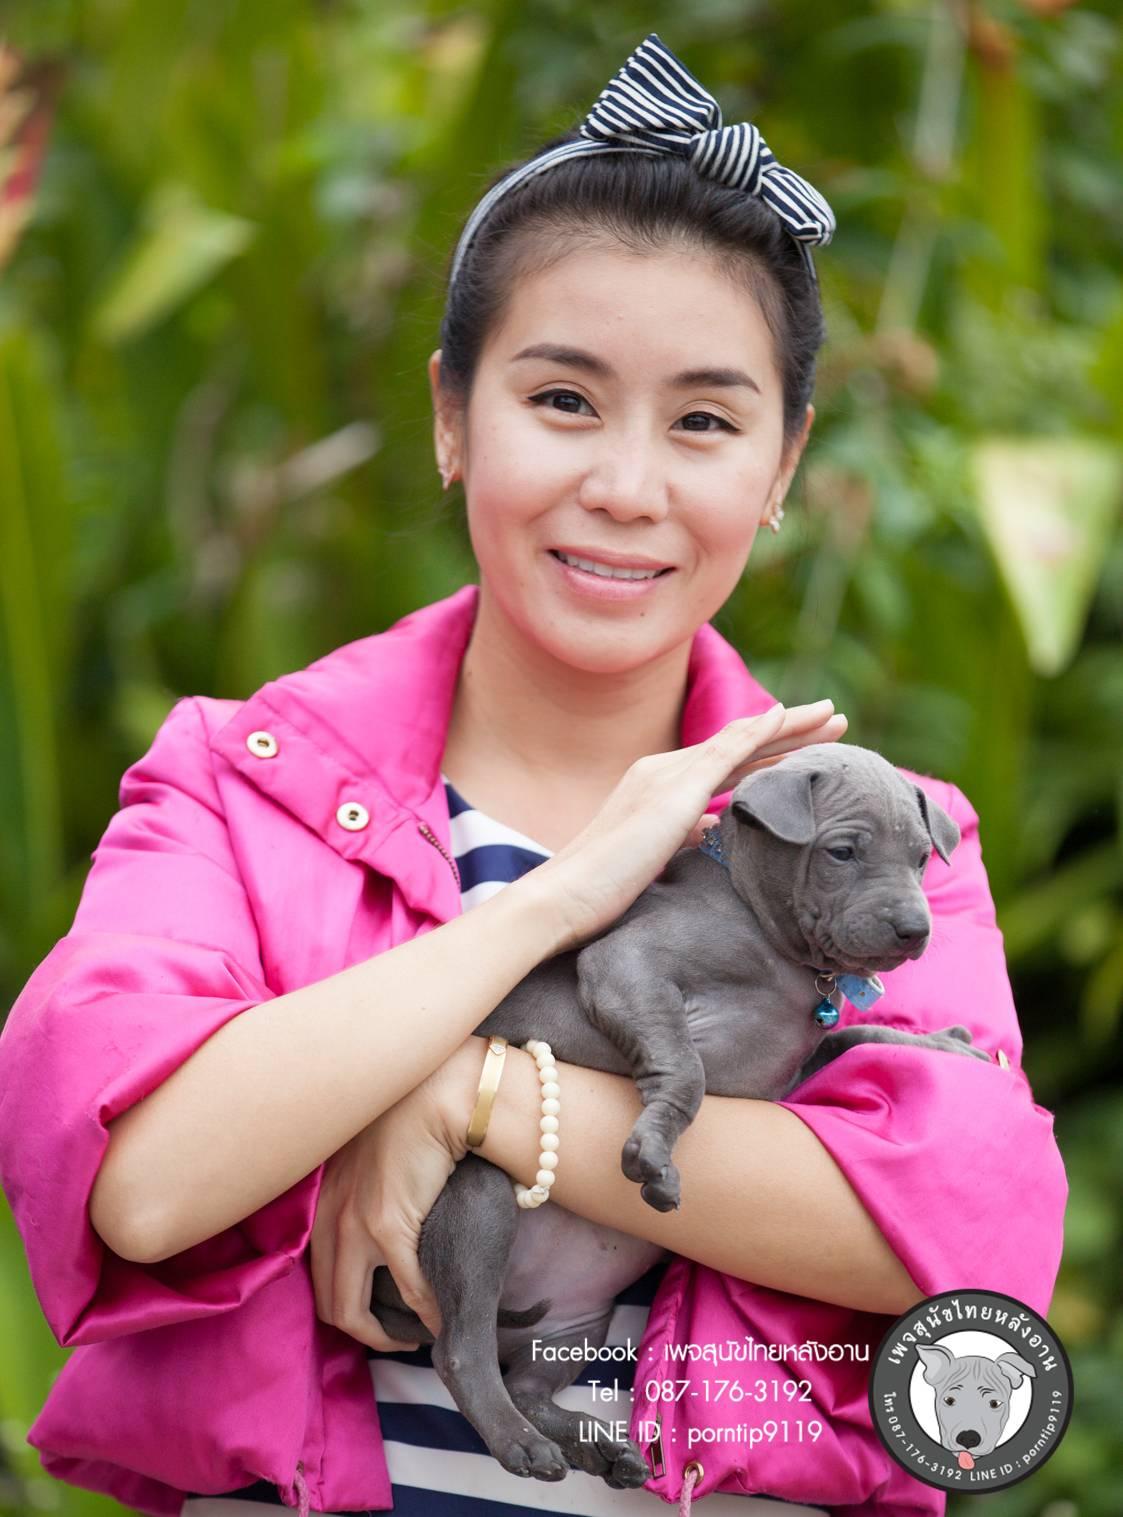 สุนัขไทยหลังอาน ขายสุนัขไทยหลังอาน   ลูกสุนัขไทยหลังอาน net-0341